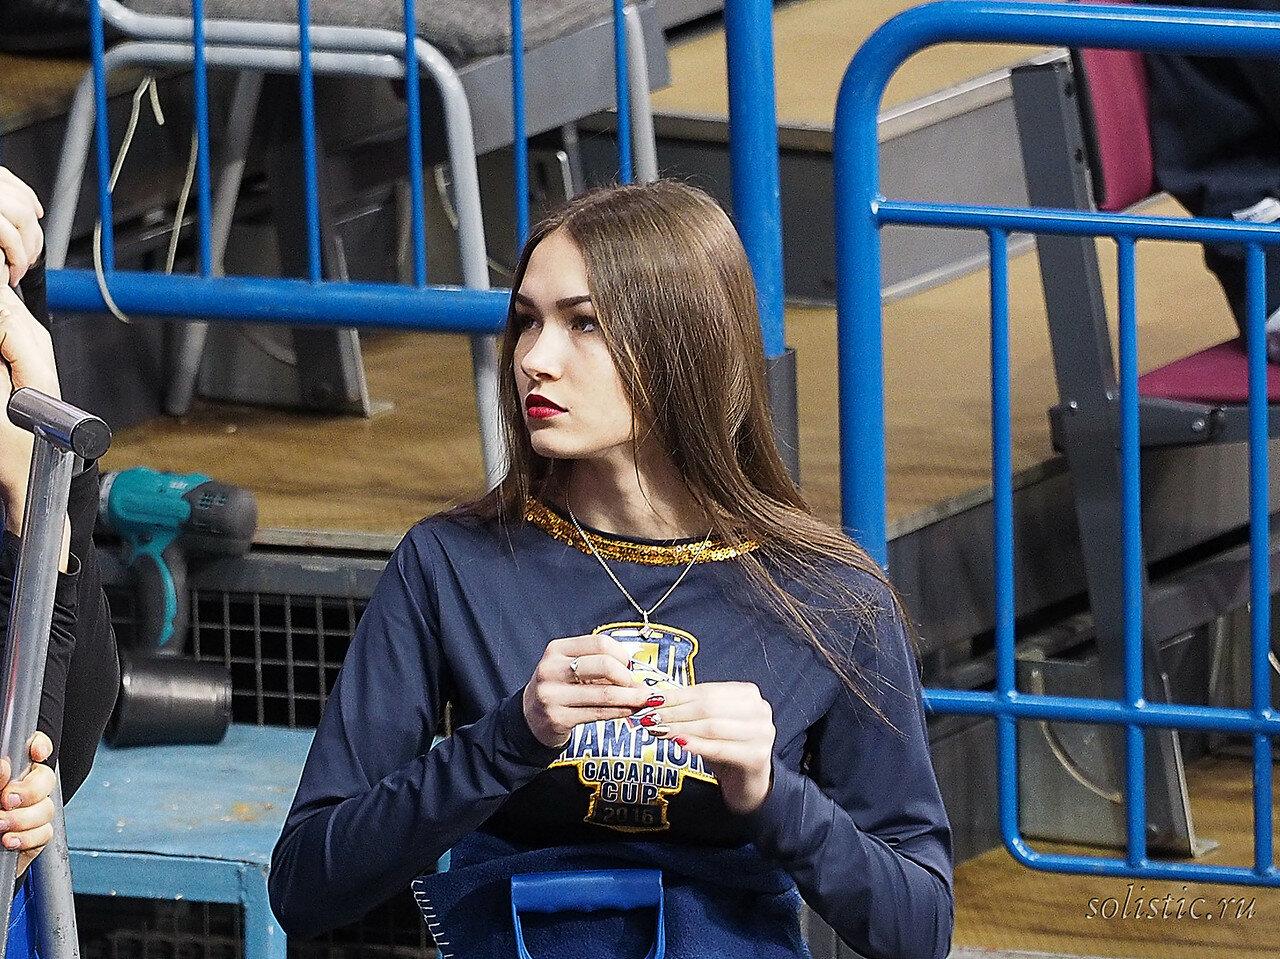 141 Металлург - Локомотив 05.01.2018